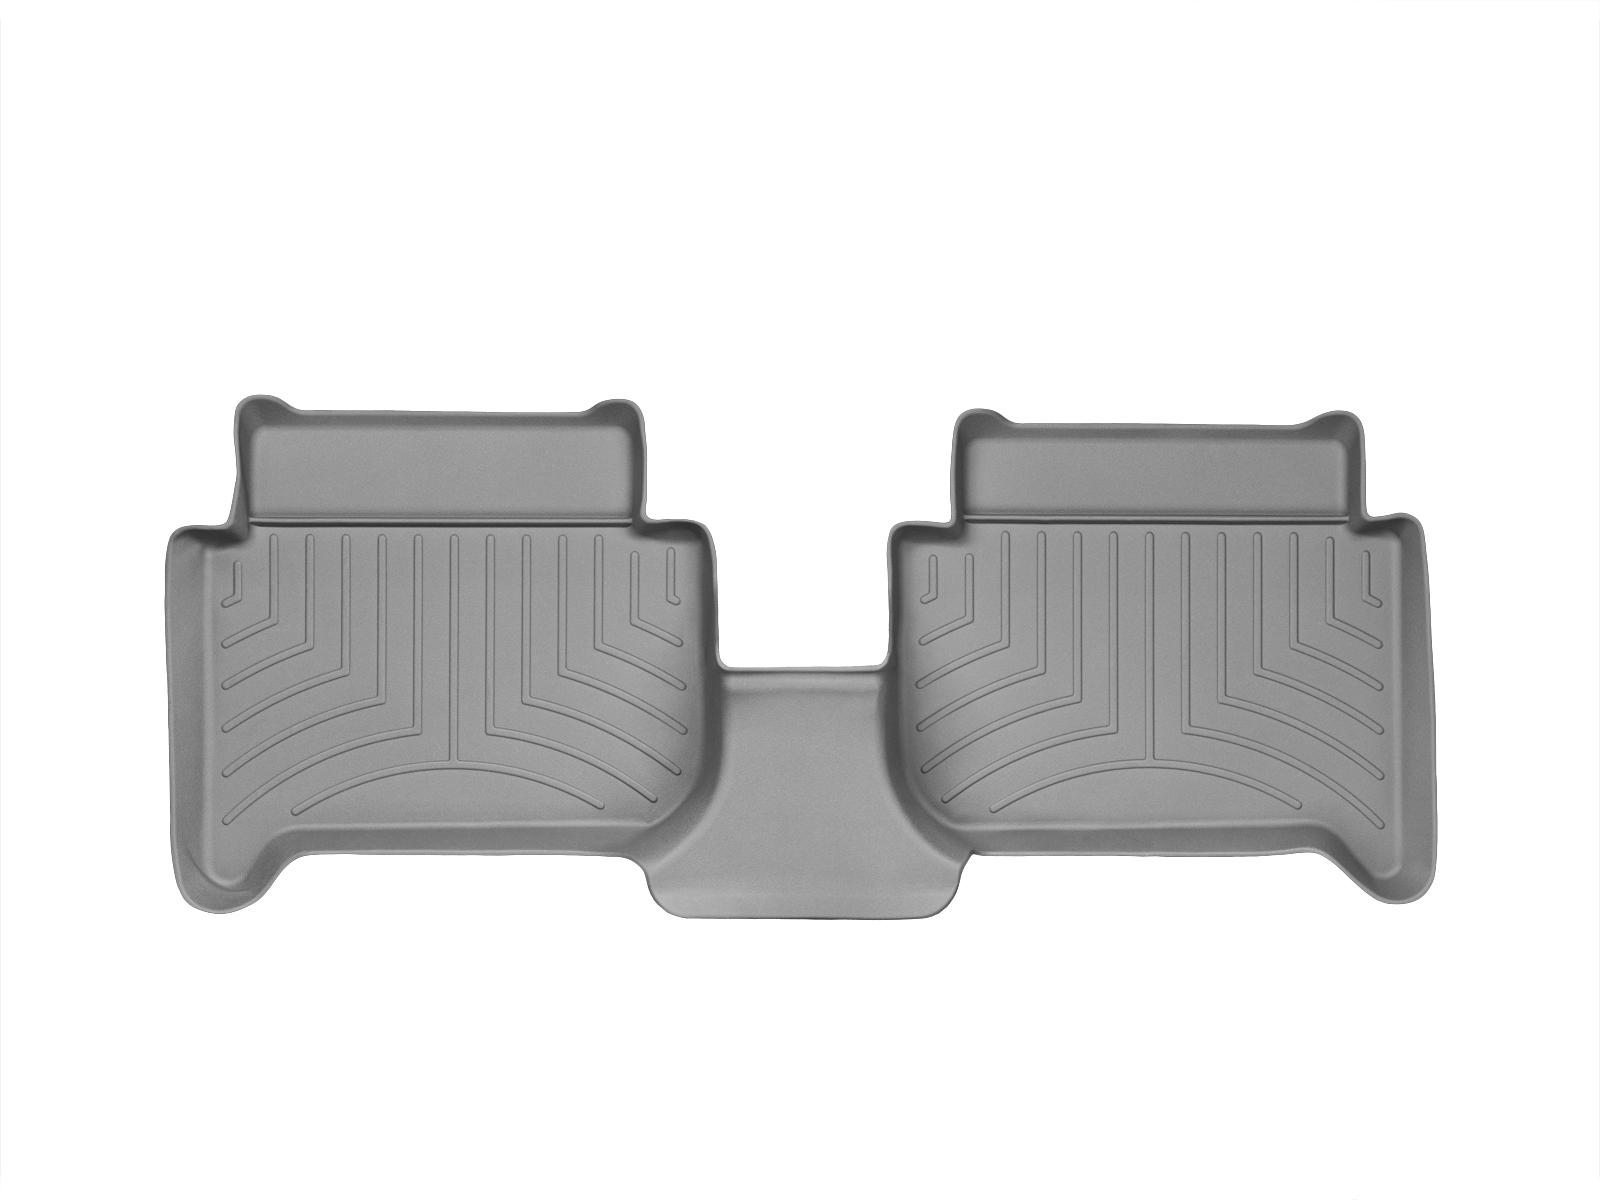 Tappeti gomma su misura bordo alto Volkswagen Touran 10>14 Grigio A4338*